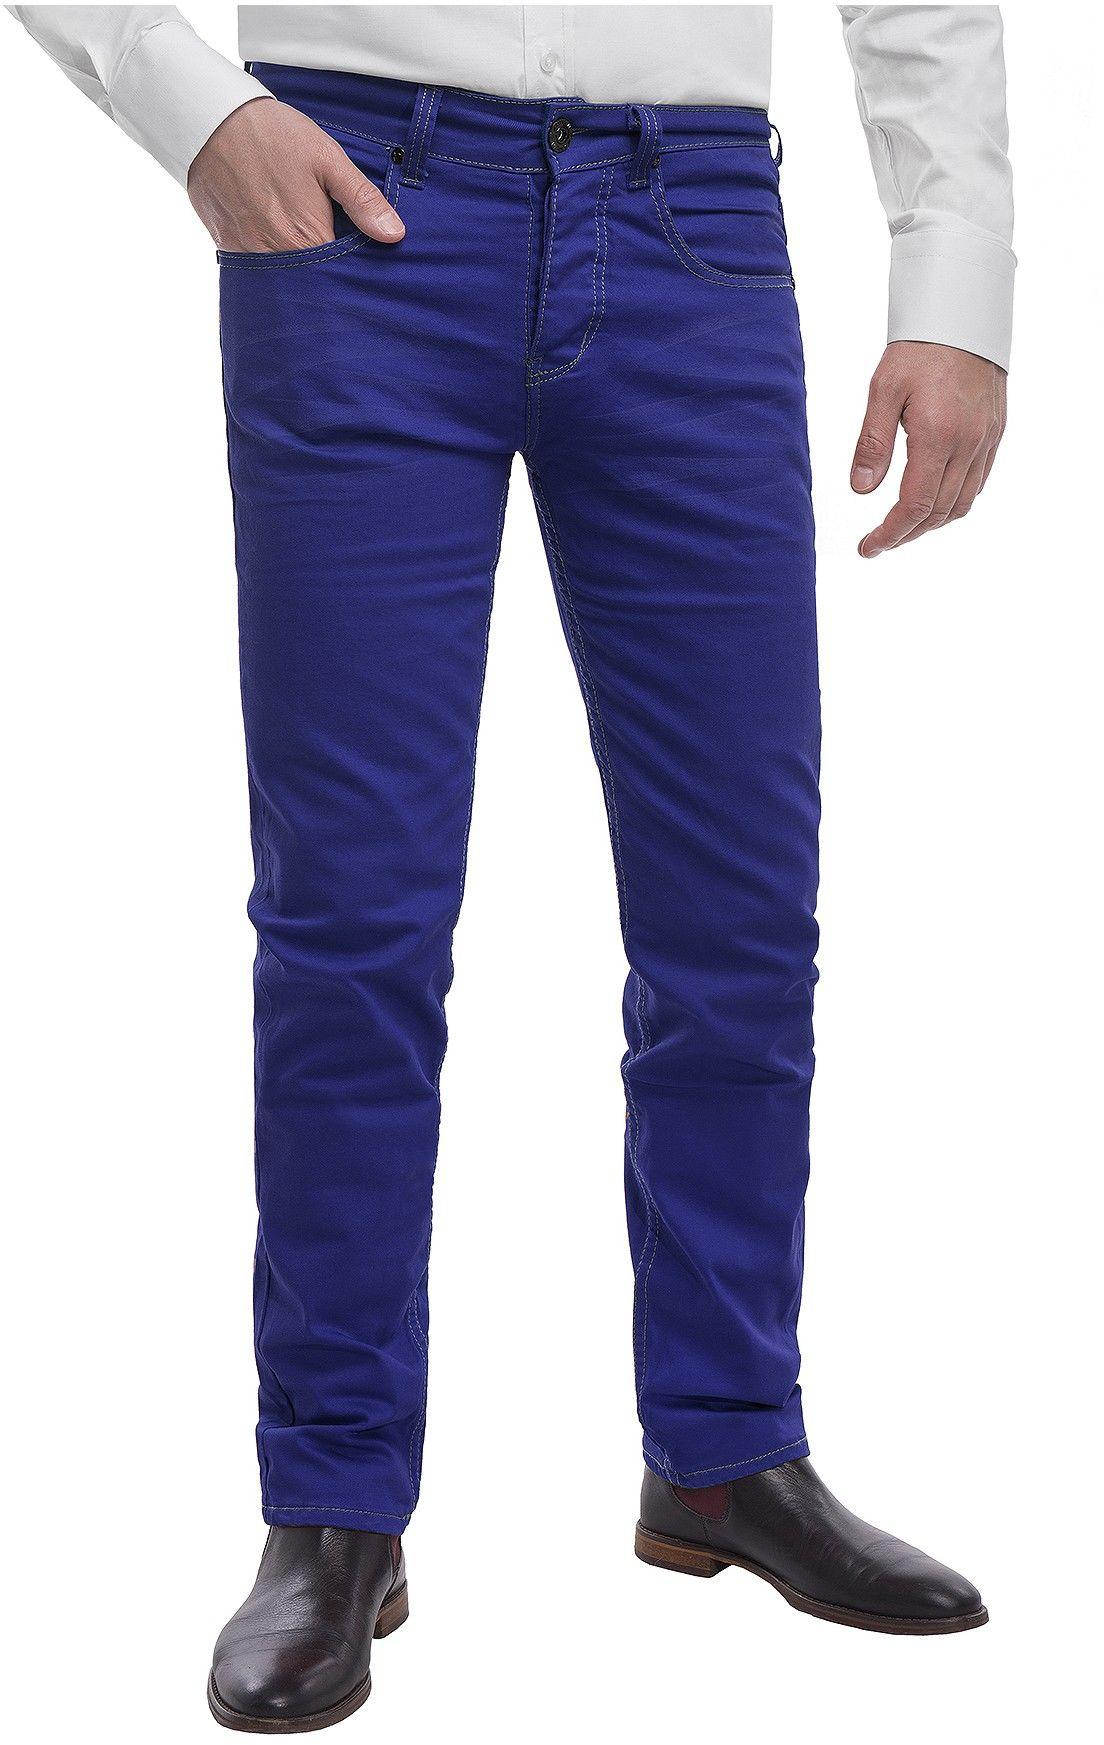 Spodnie męskie chinosy LZ116 -indigo